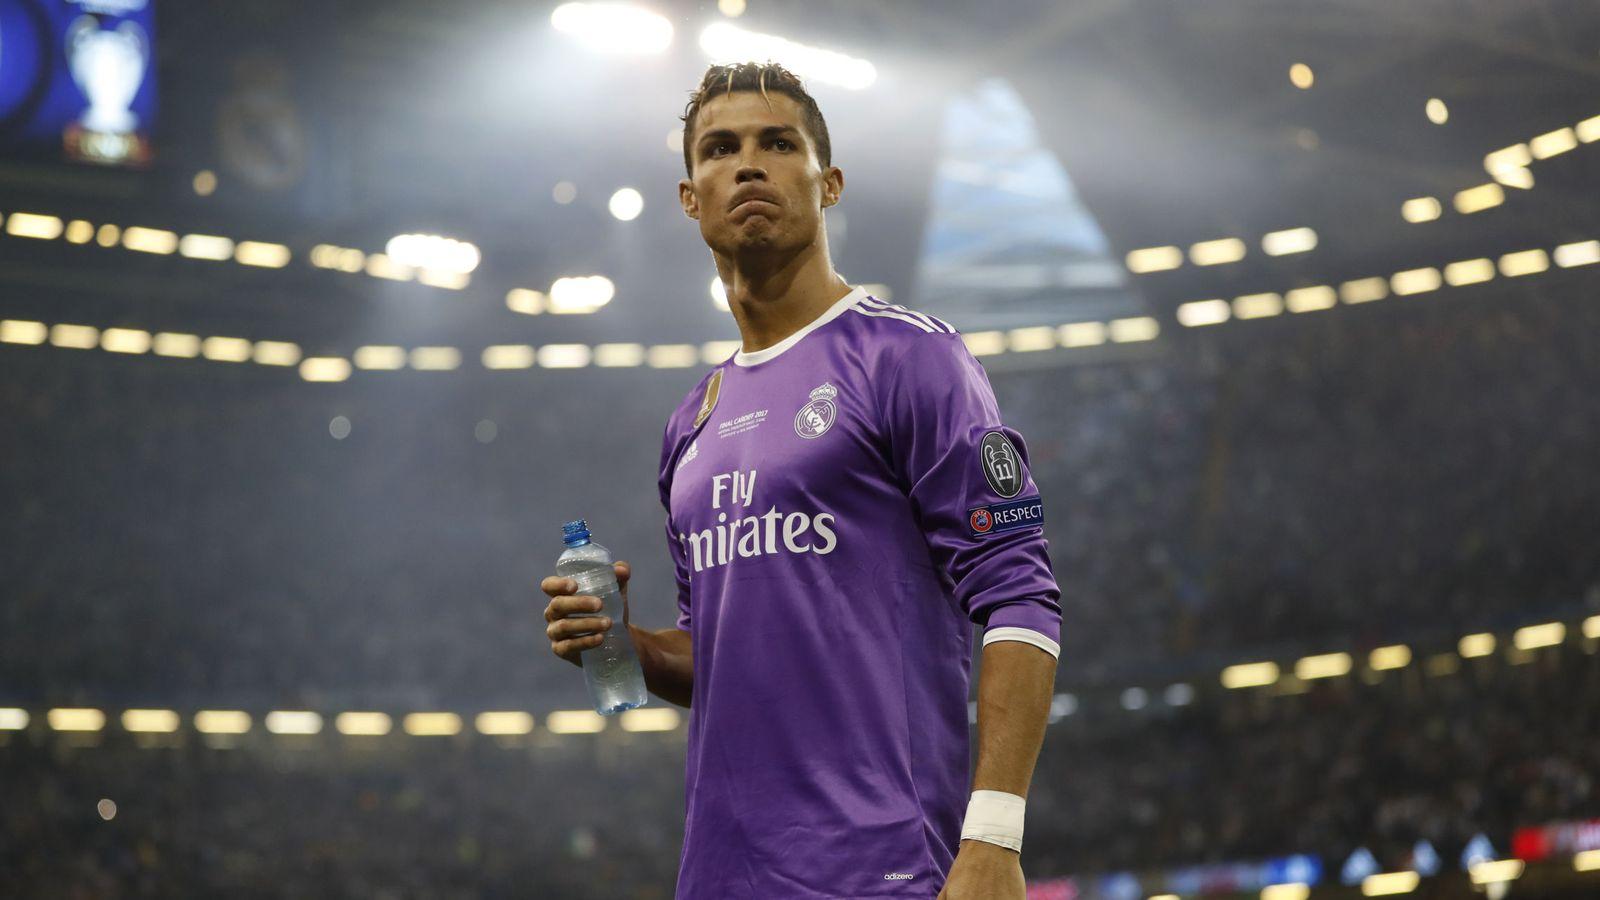 Foto: Cristiano Ronaldo, instantes antes de la final de Champions. (Reuters)